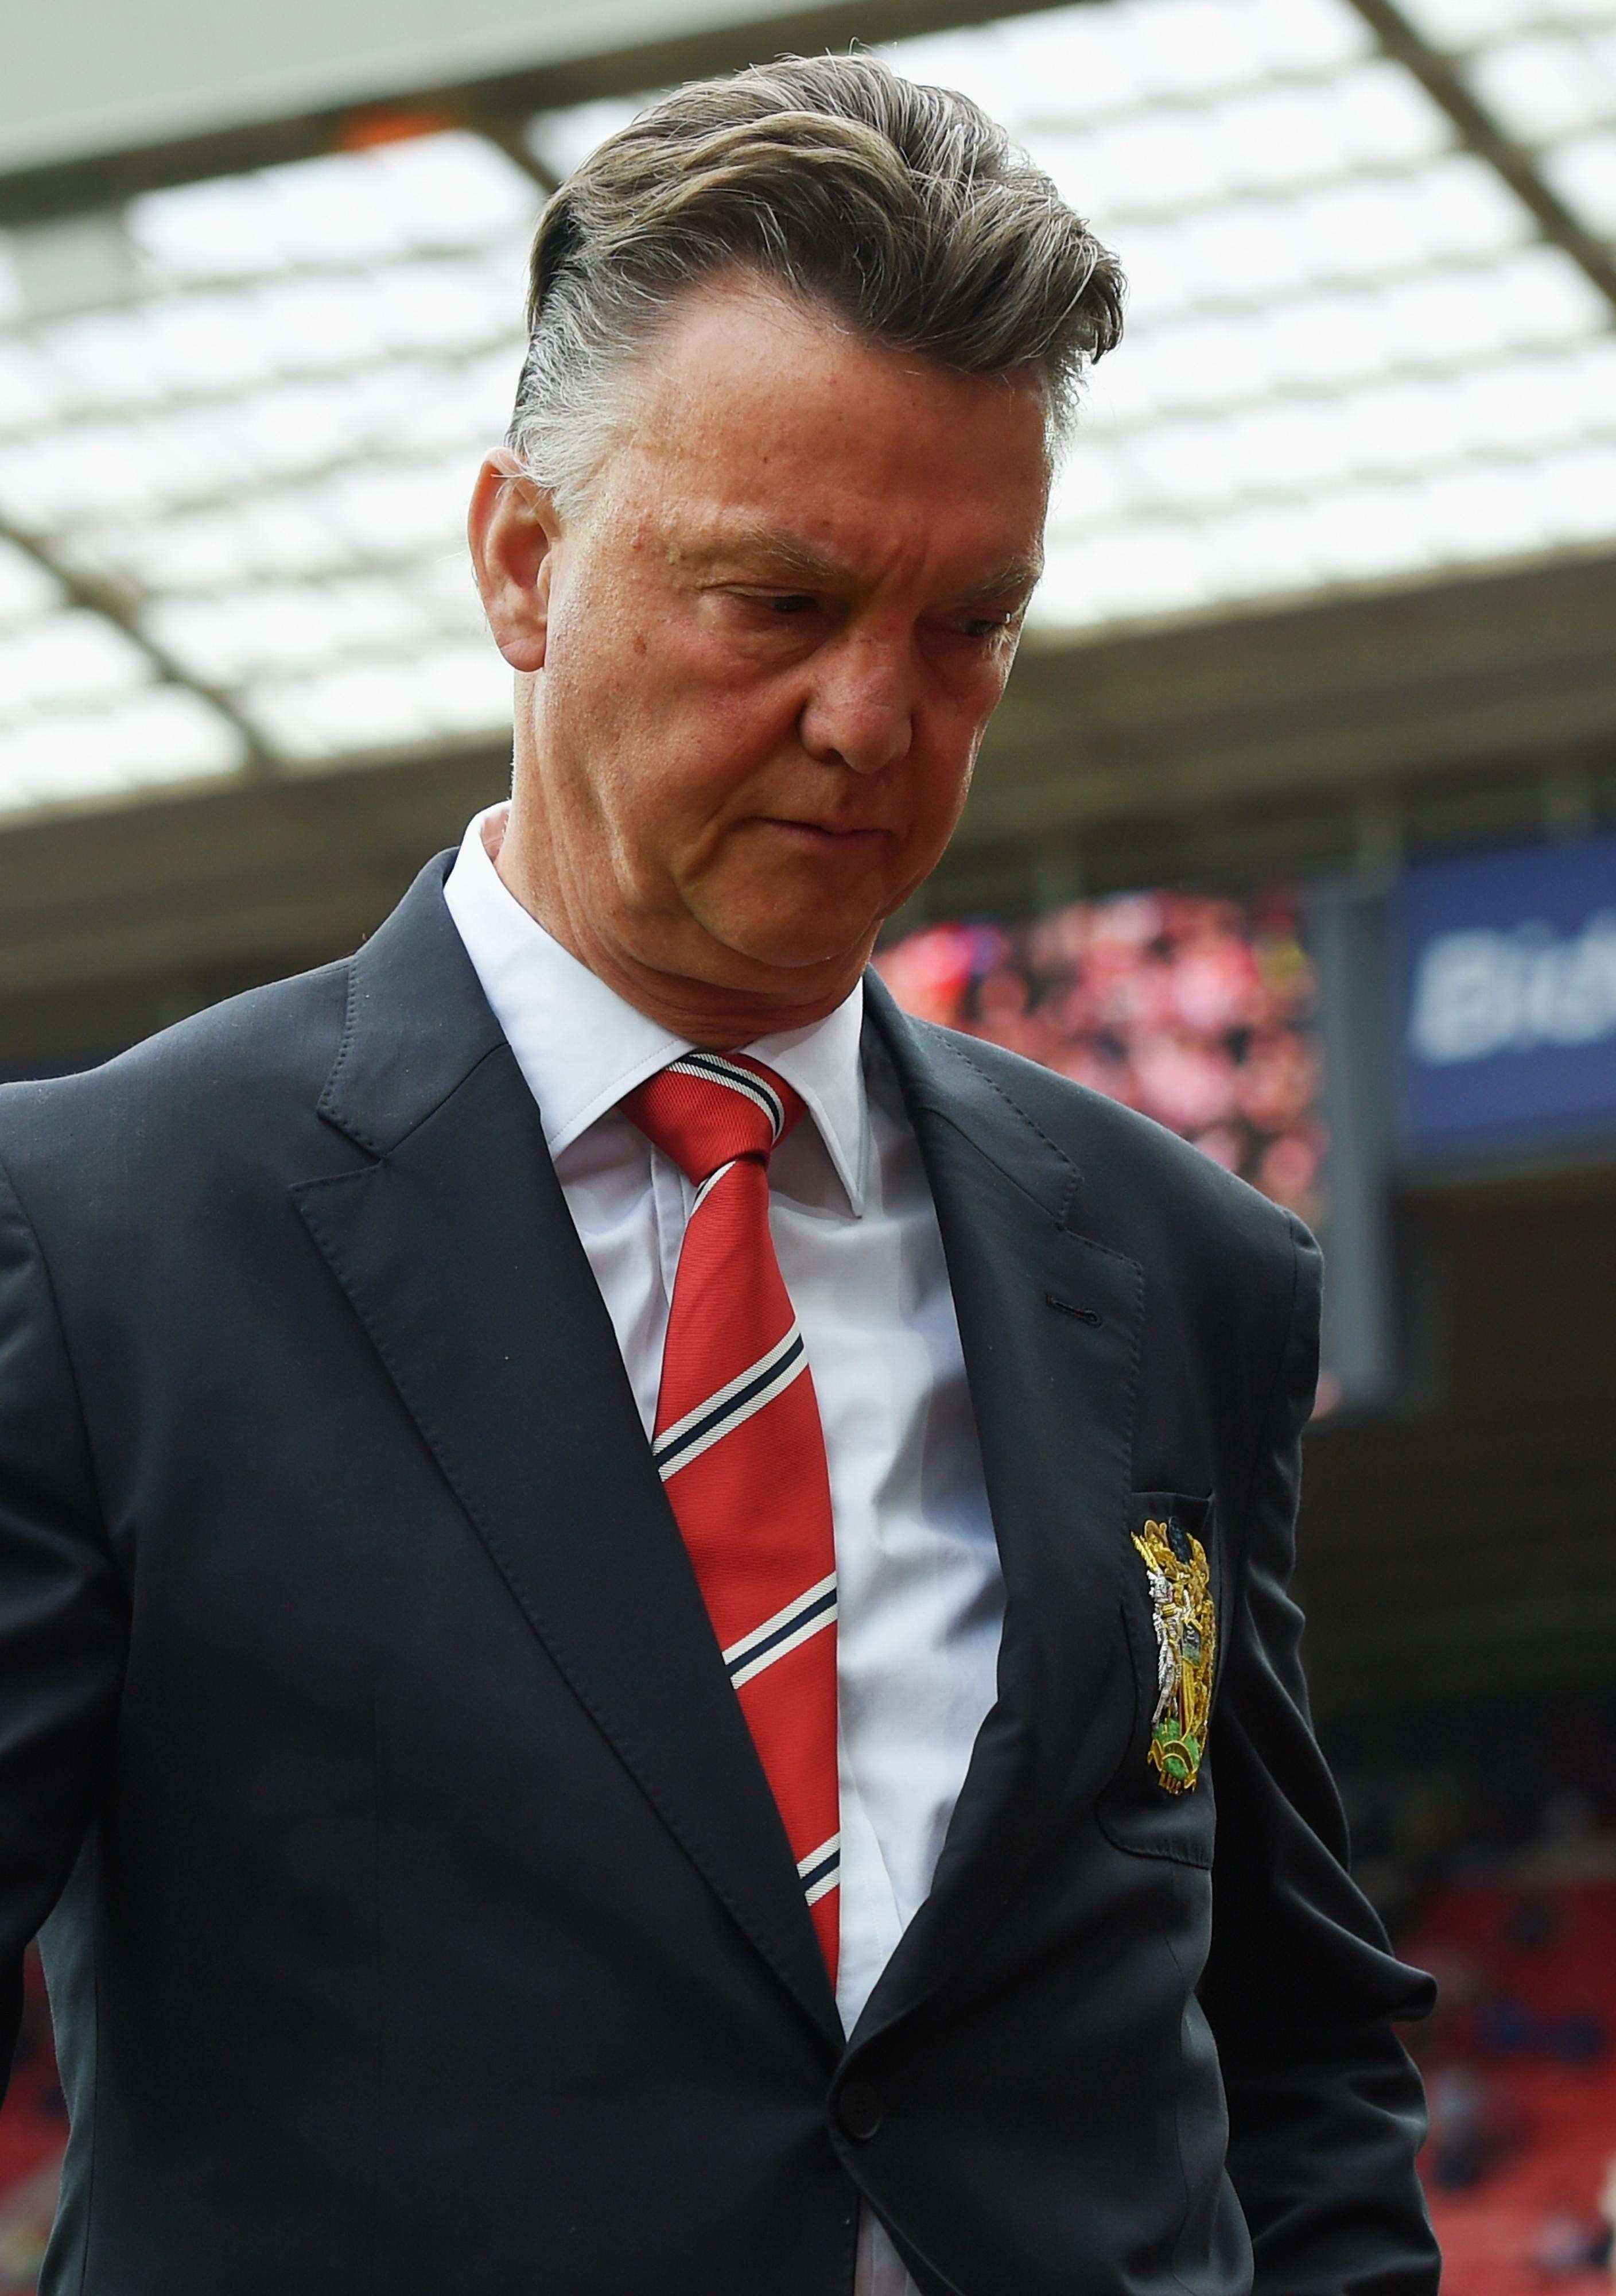 El técnico holandés dice sacar de la crisis al United será complicado. Foto: Getty Images